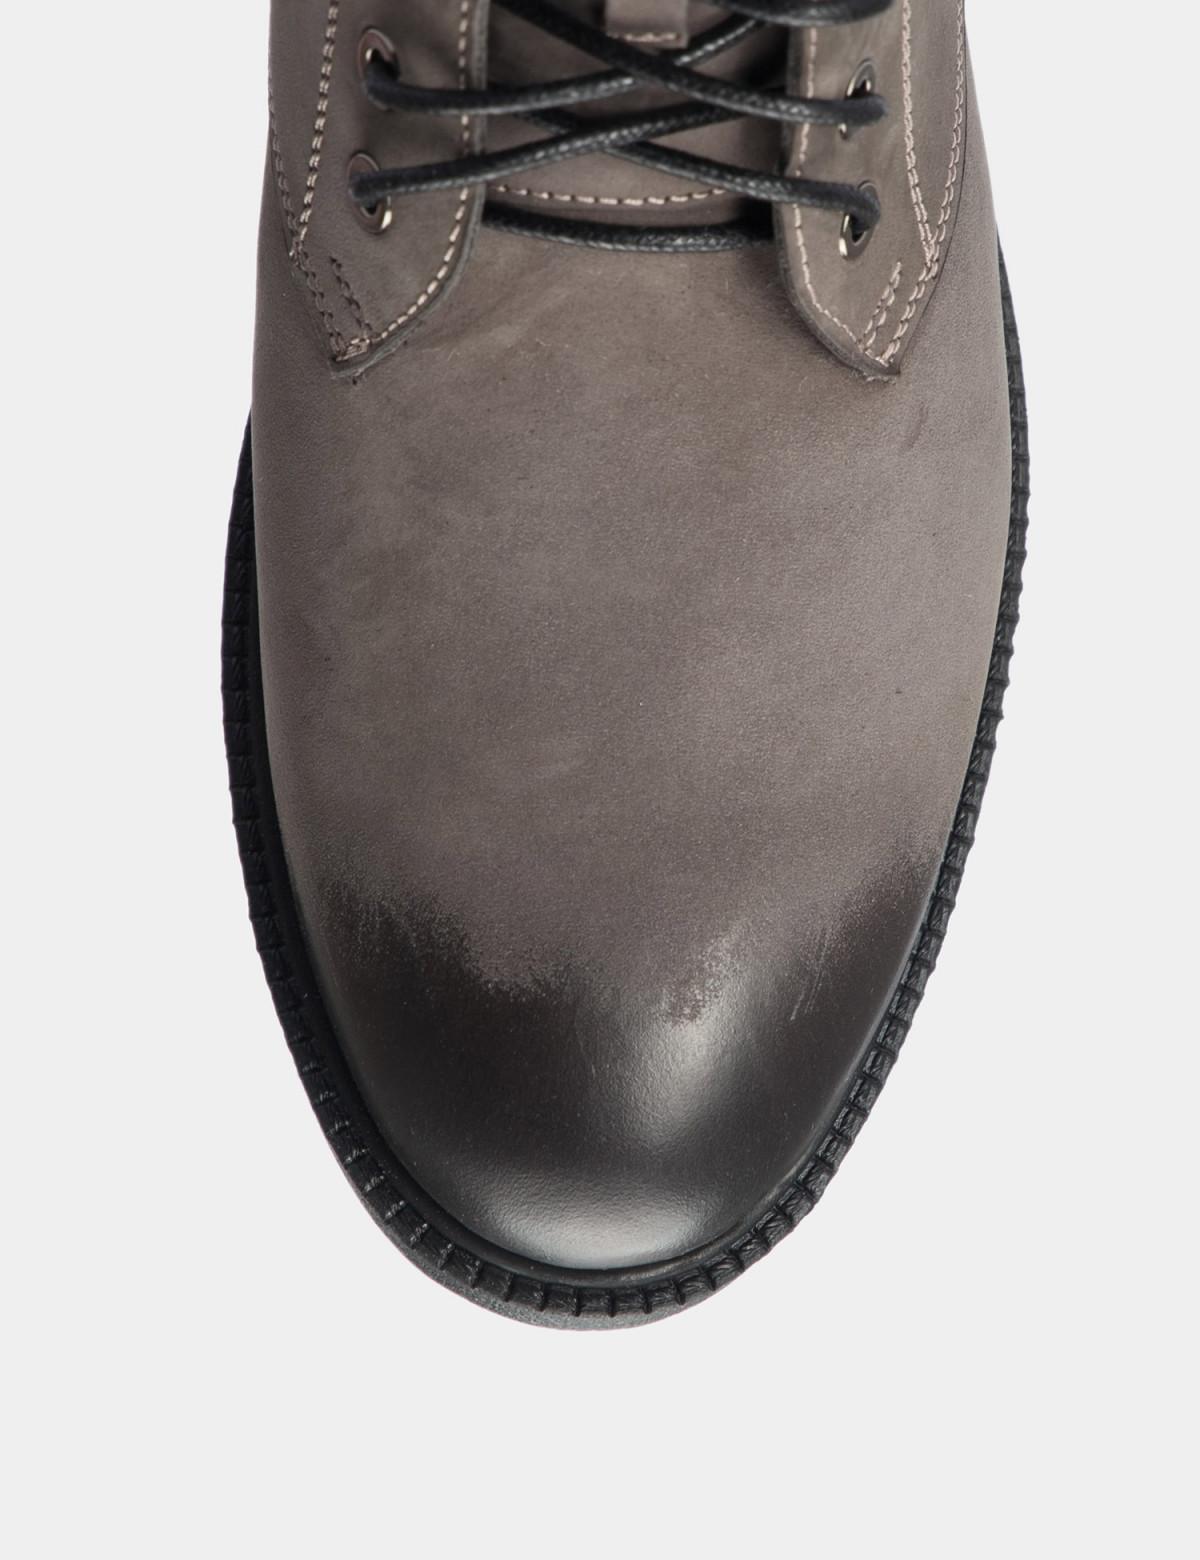 Ботинки серые. Натуральный нубук. Байка3